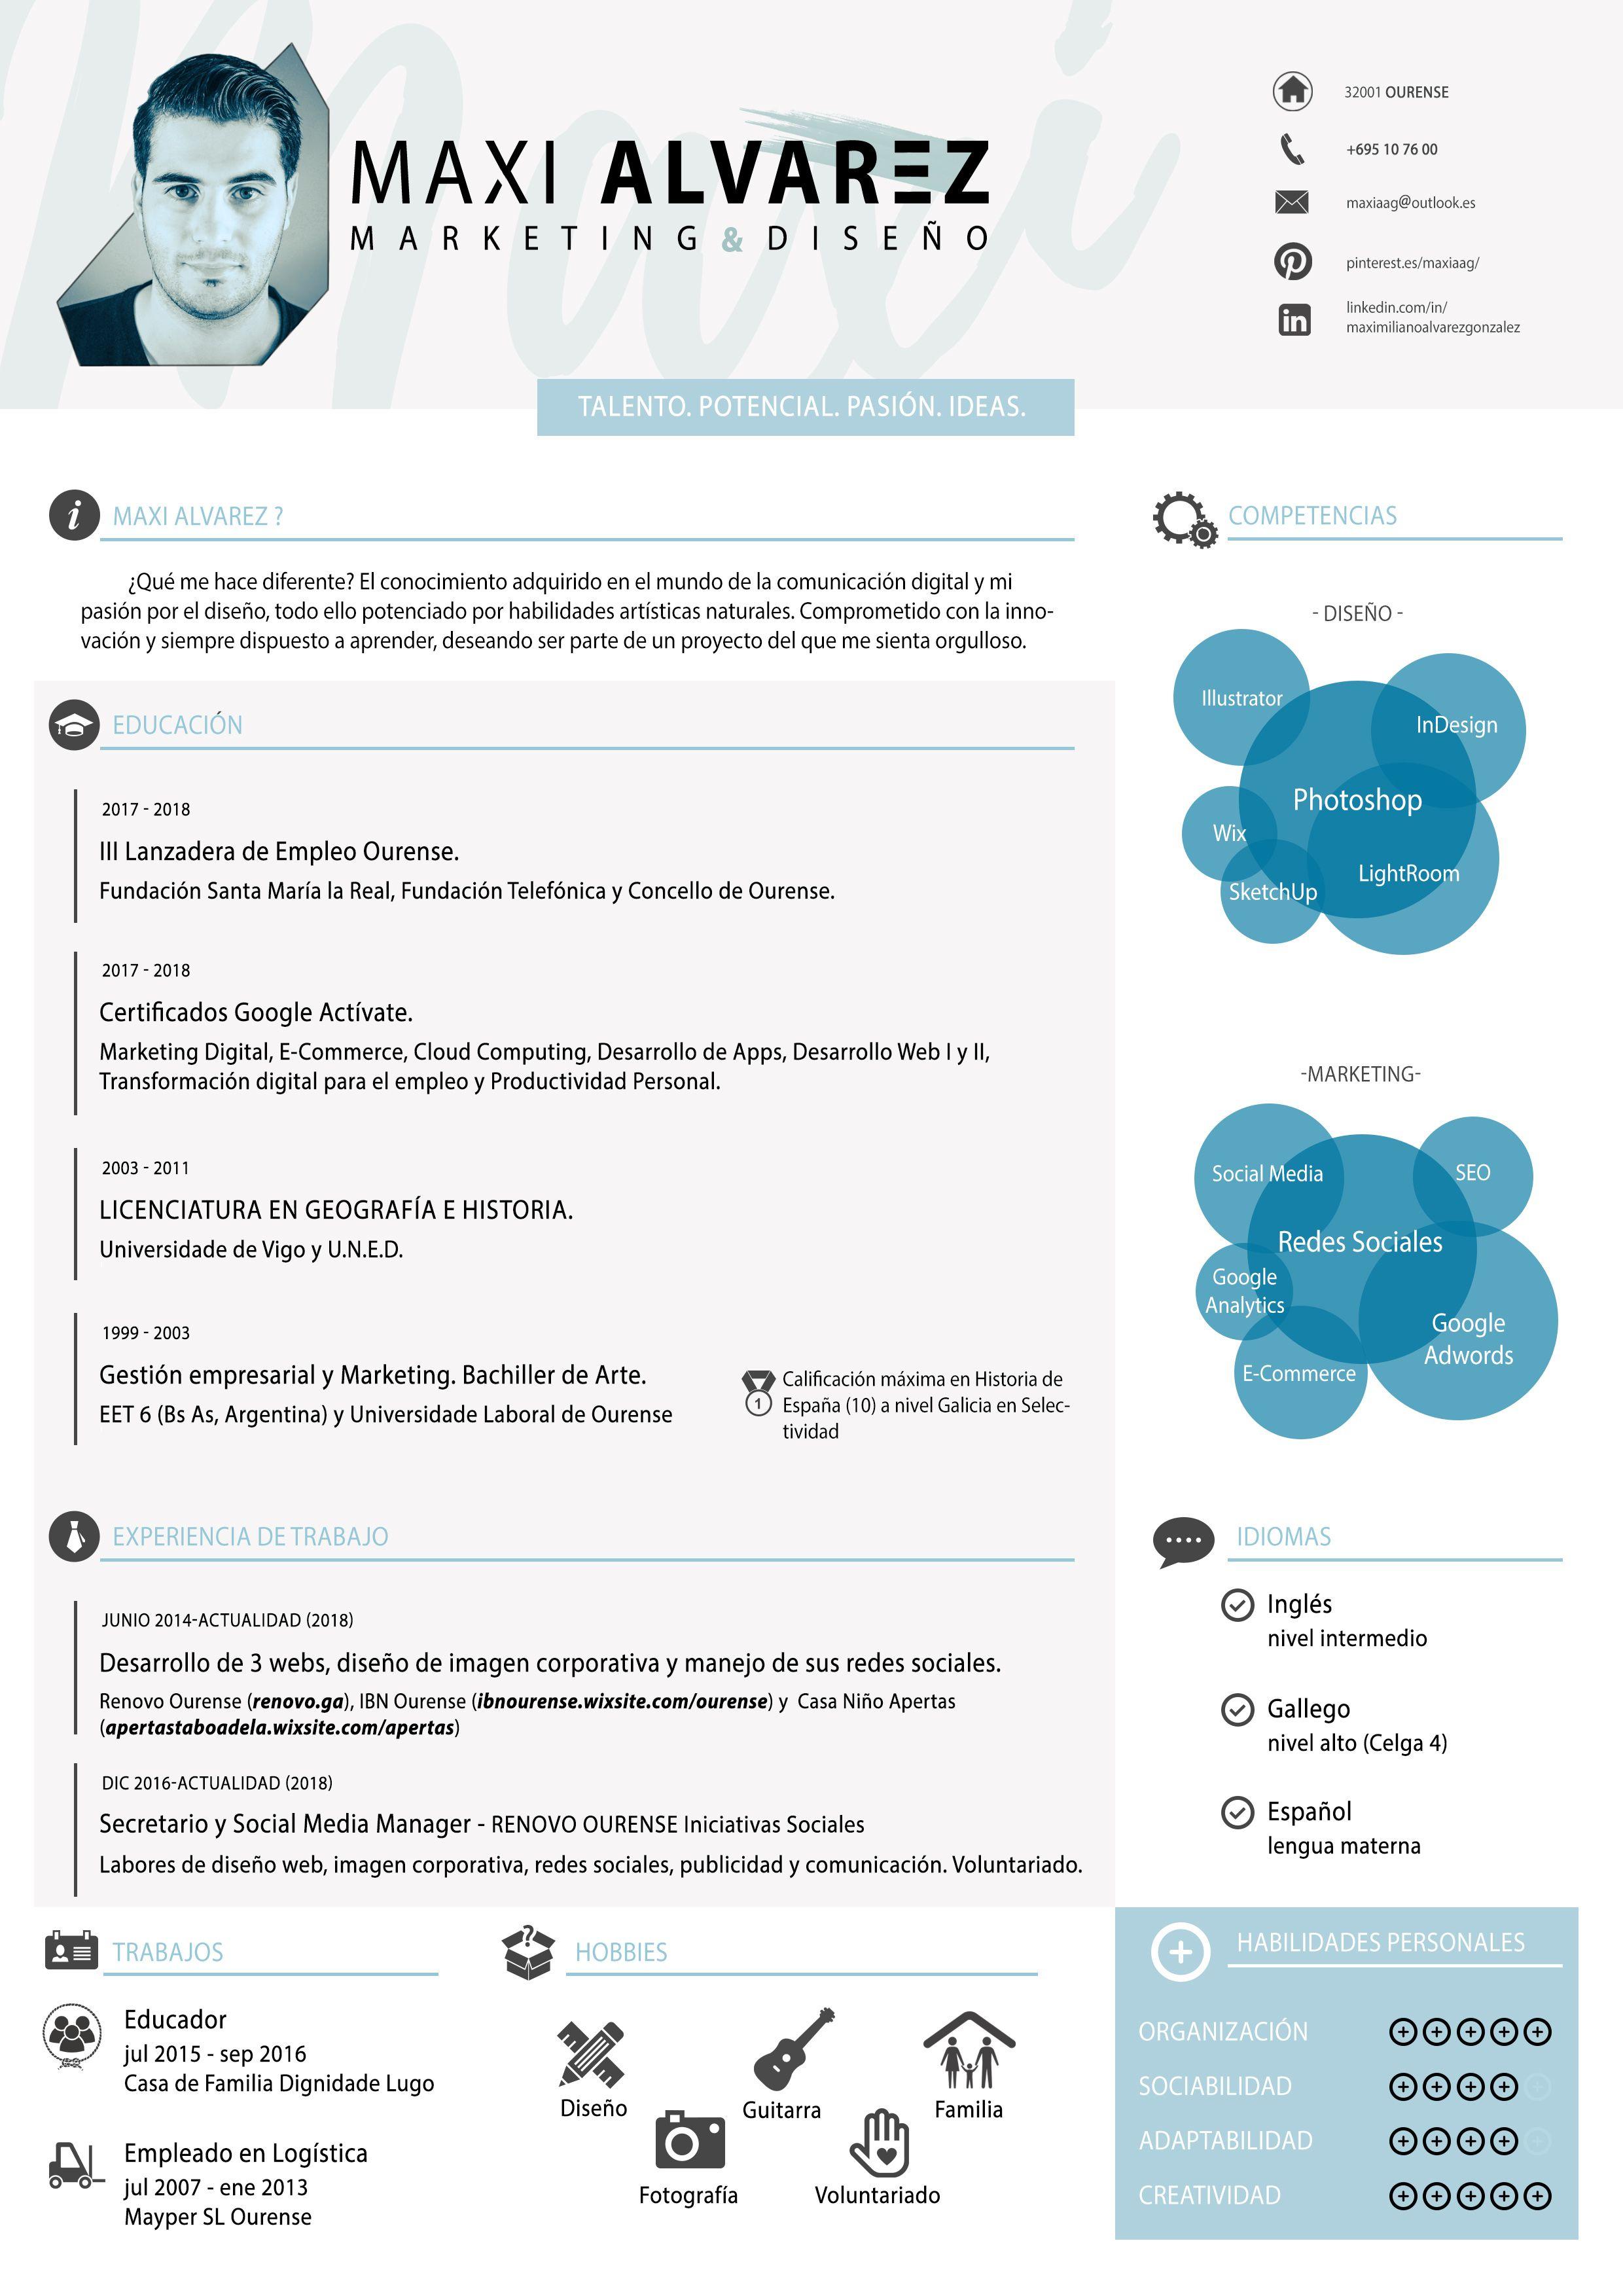 Mi Curri Curriculum Vitae Maxi Alvarez Curriculumcreativo Curriculumvitae Curriculum Cv Marketing Diseno Mihistoria Marketing Photoshop Educacion